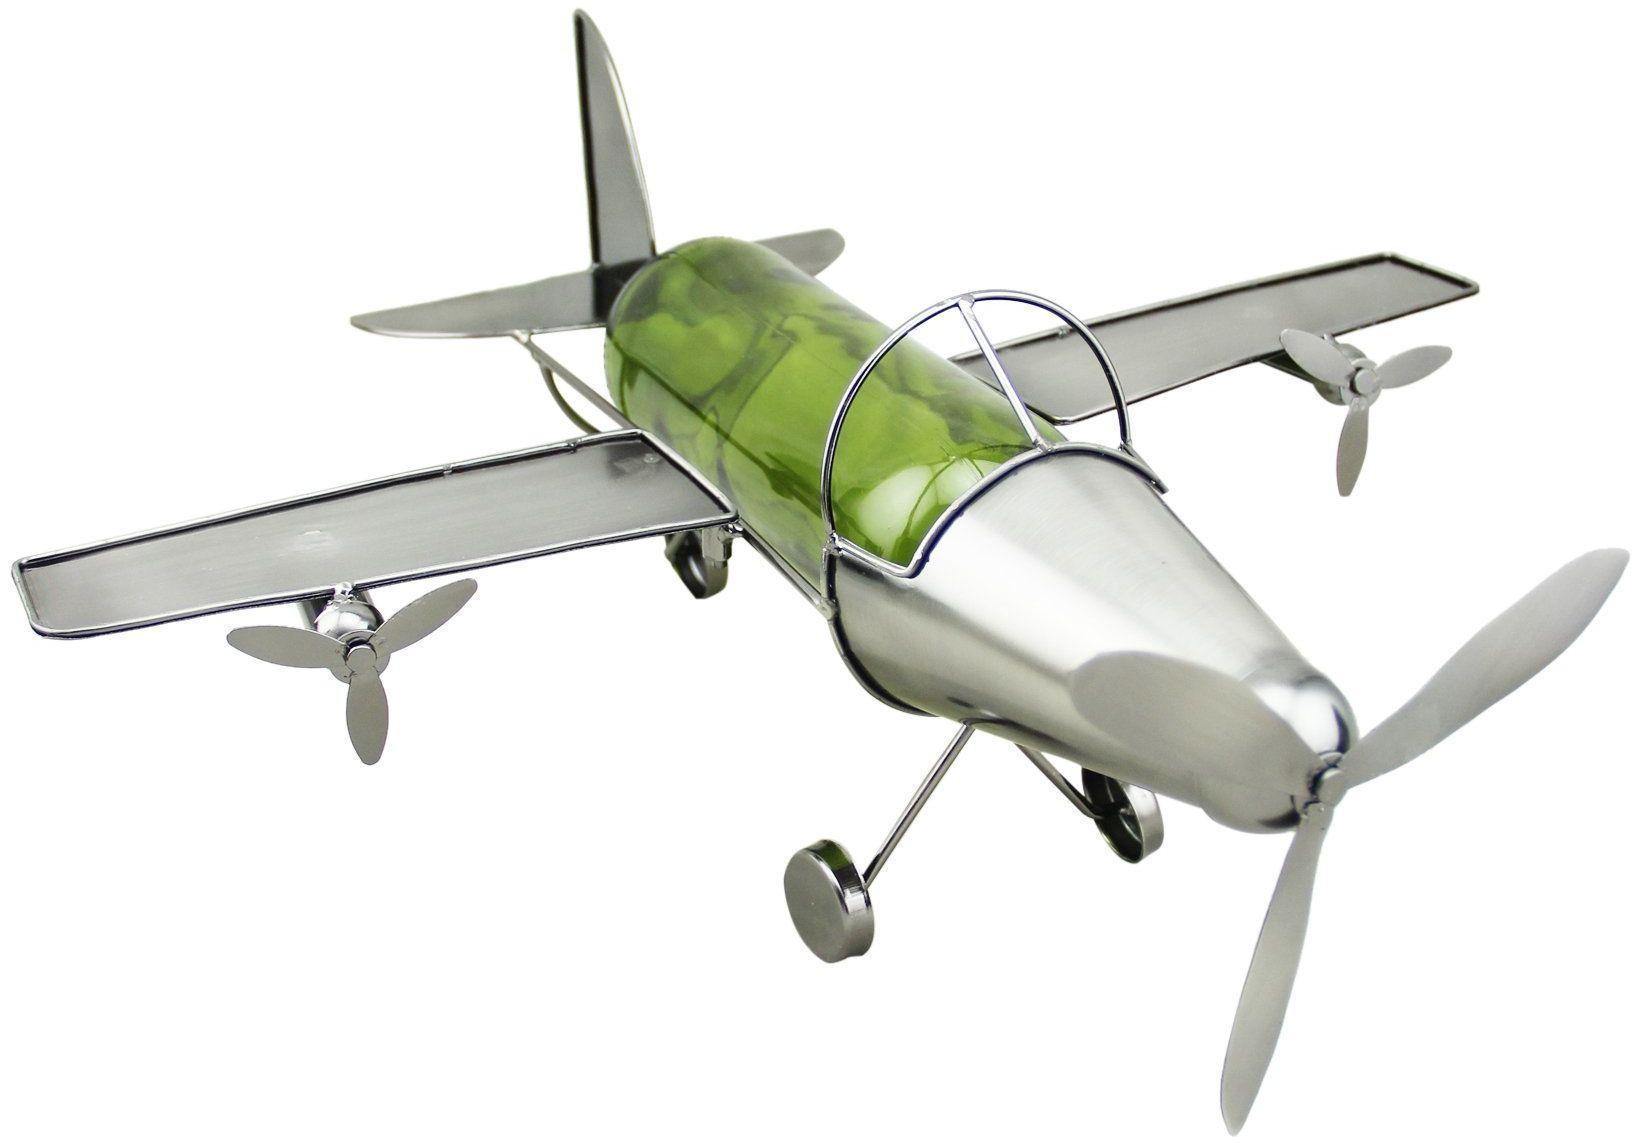 Class Wine Uchwyt na butelkę, metalowy samolot żeglarski, stal nierdzewna, 25 x 30 x 45 cm